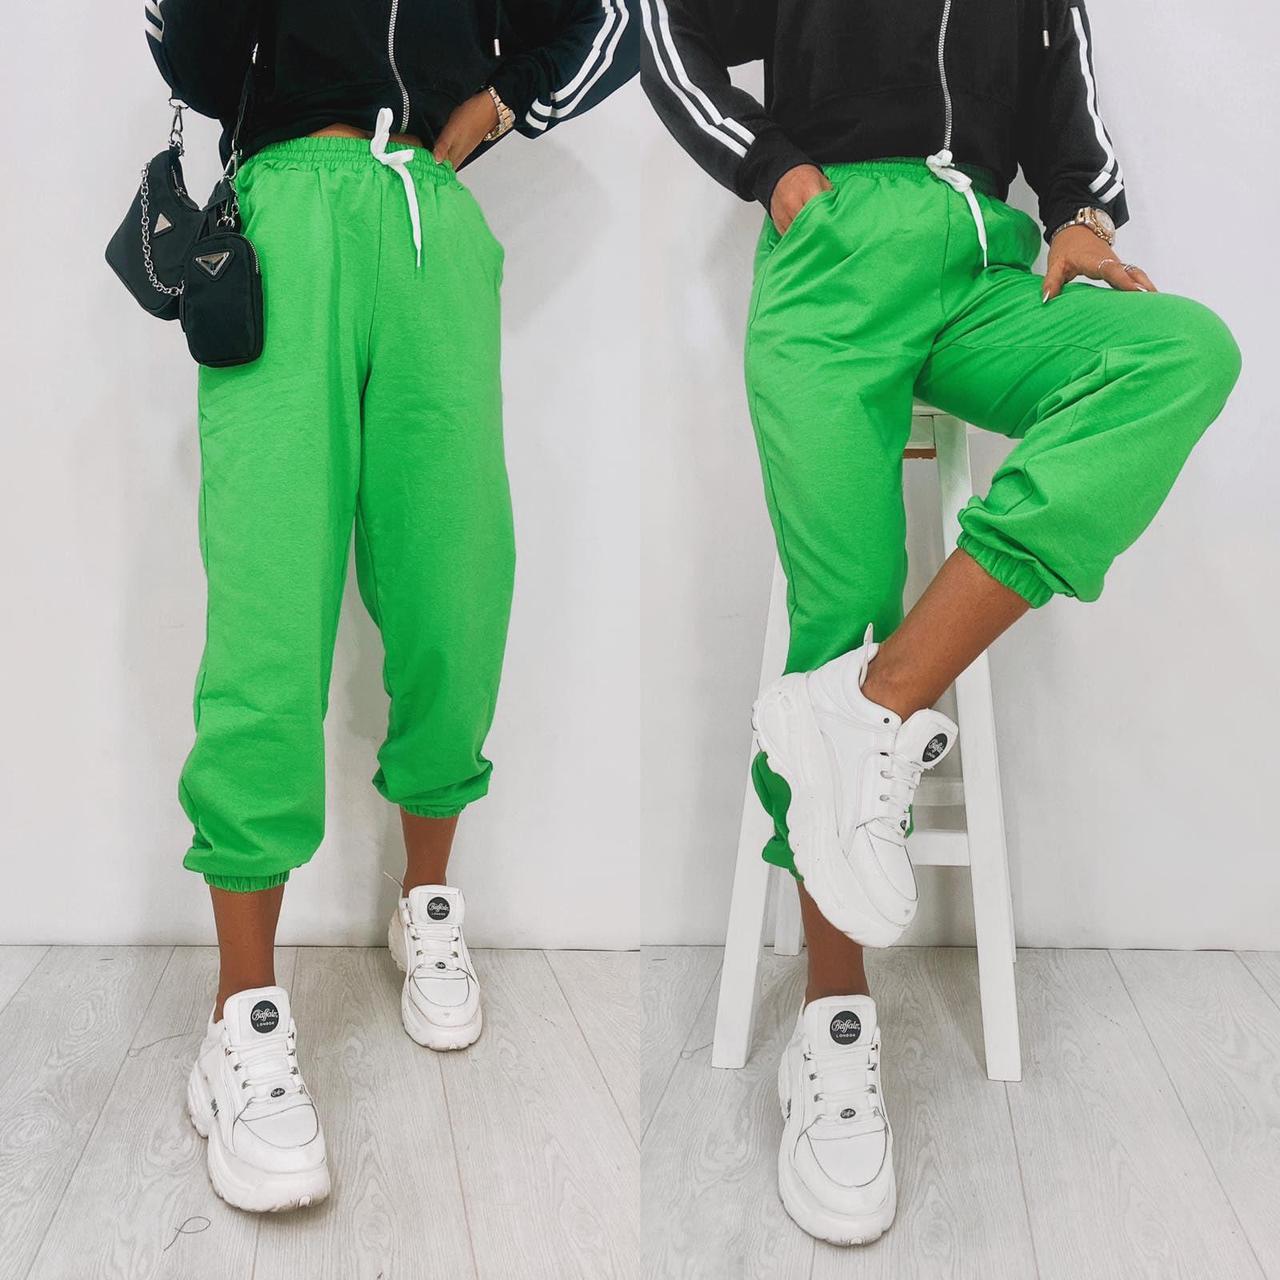 Женские  штаны, цвет на фото. Размеры 42-44.46-48.50-52.